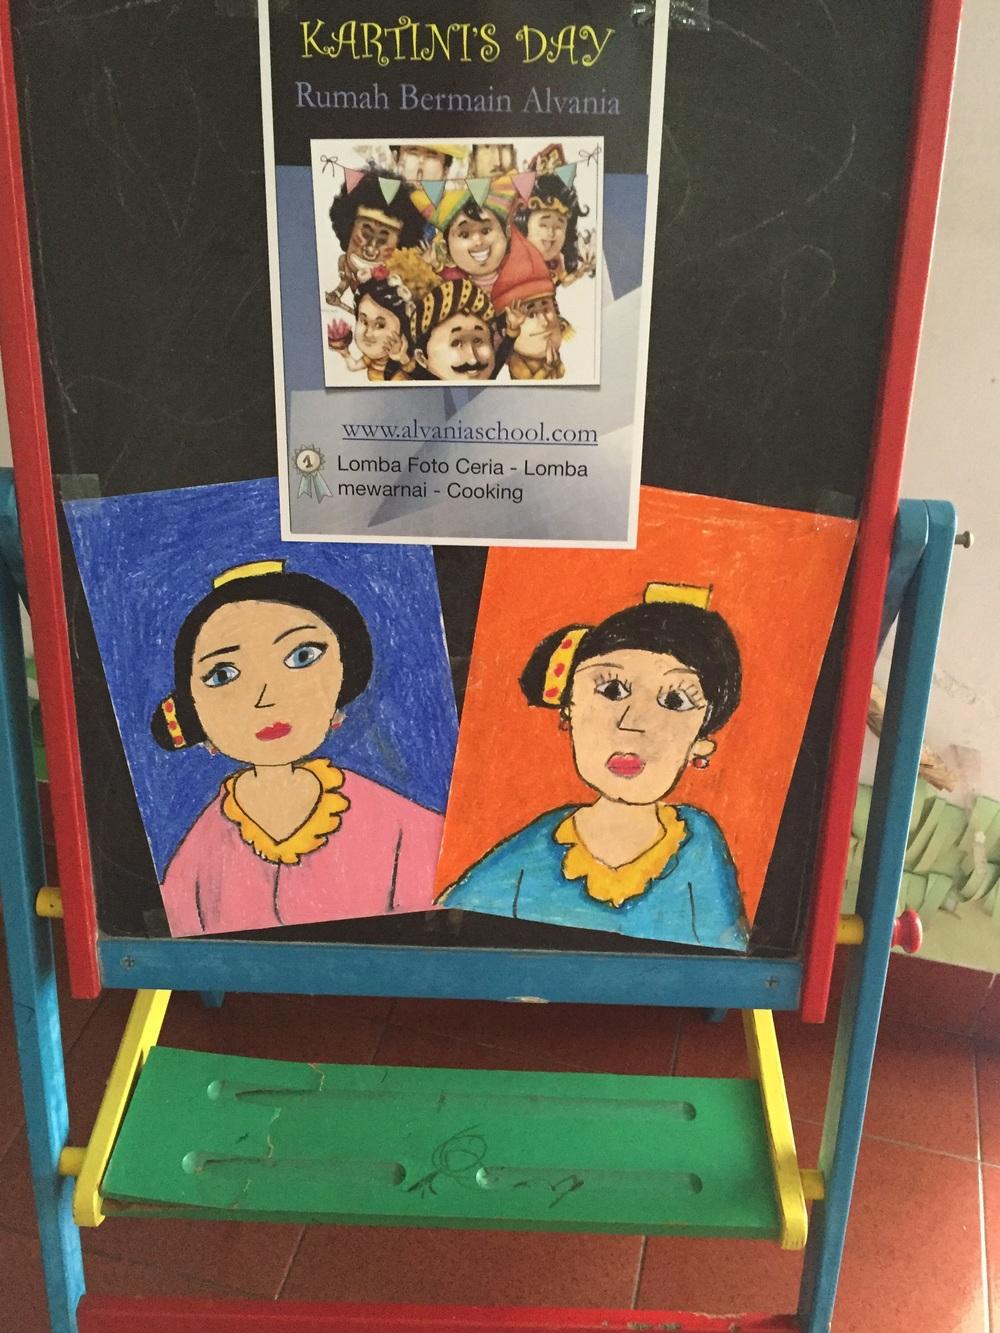 Kartini S Day Sekolah Alvania